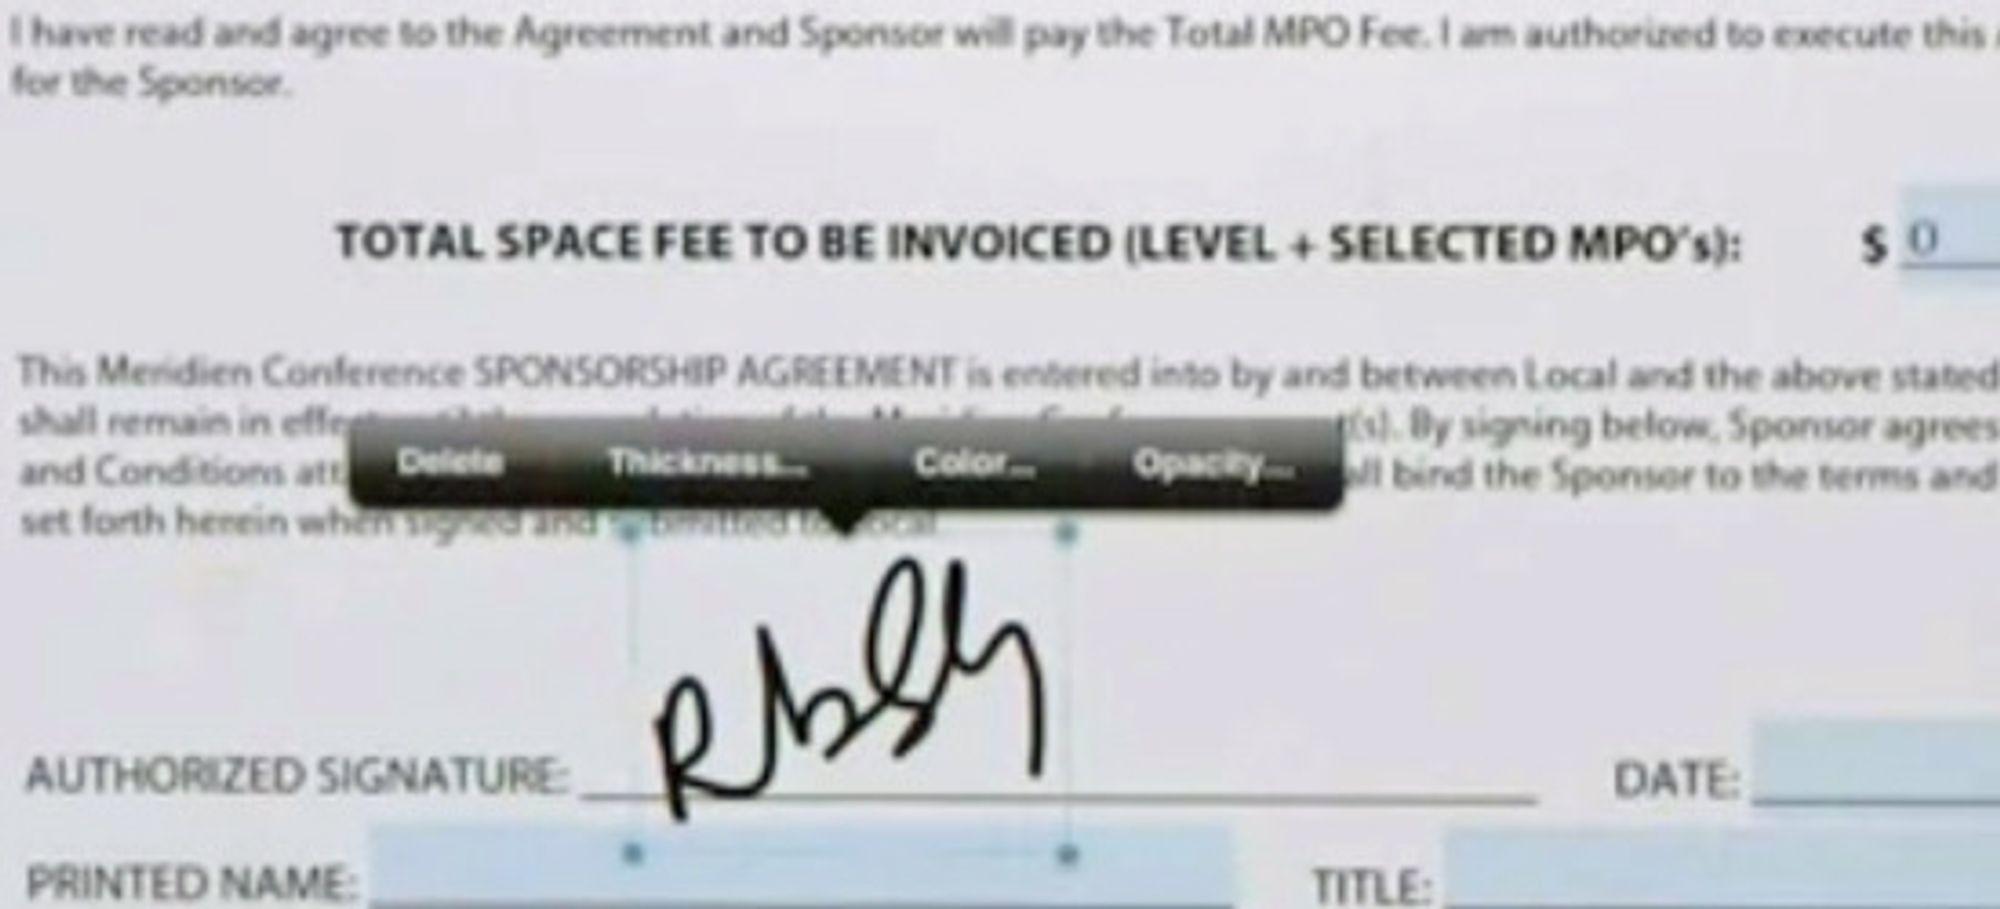 Detalj fra skjema under signering: Man kan justere underskriftens plassering, strektykkelse og farge. De lyseblå feltene er interaktive og fylles ut som vanlig fra tastaturet.